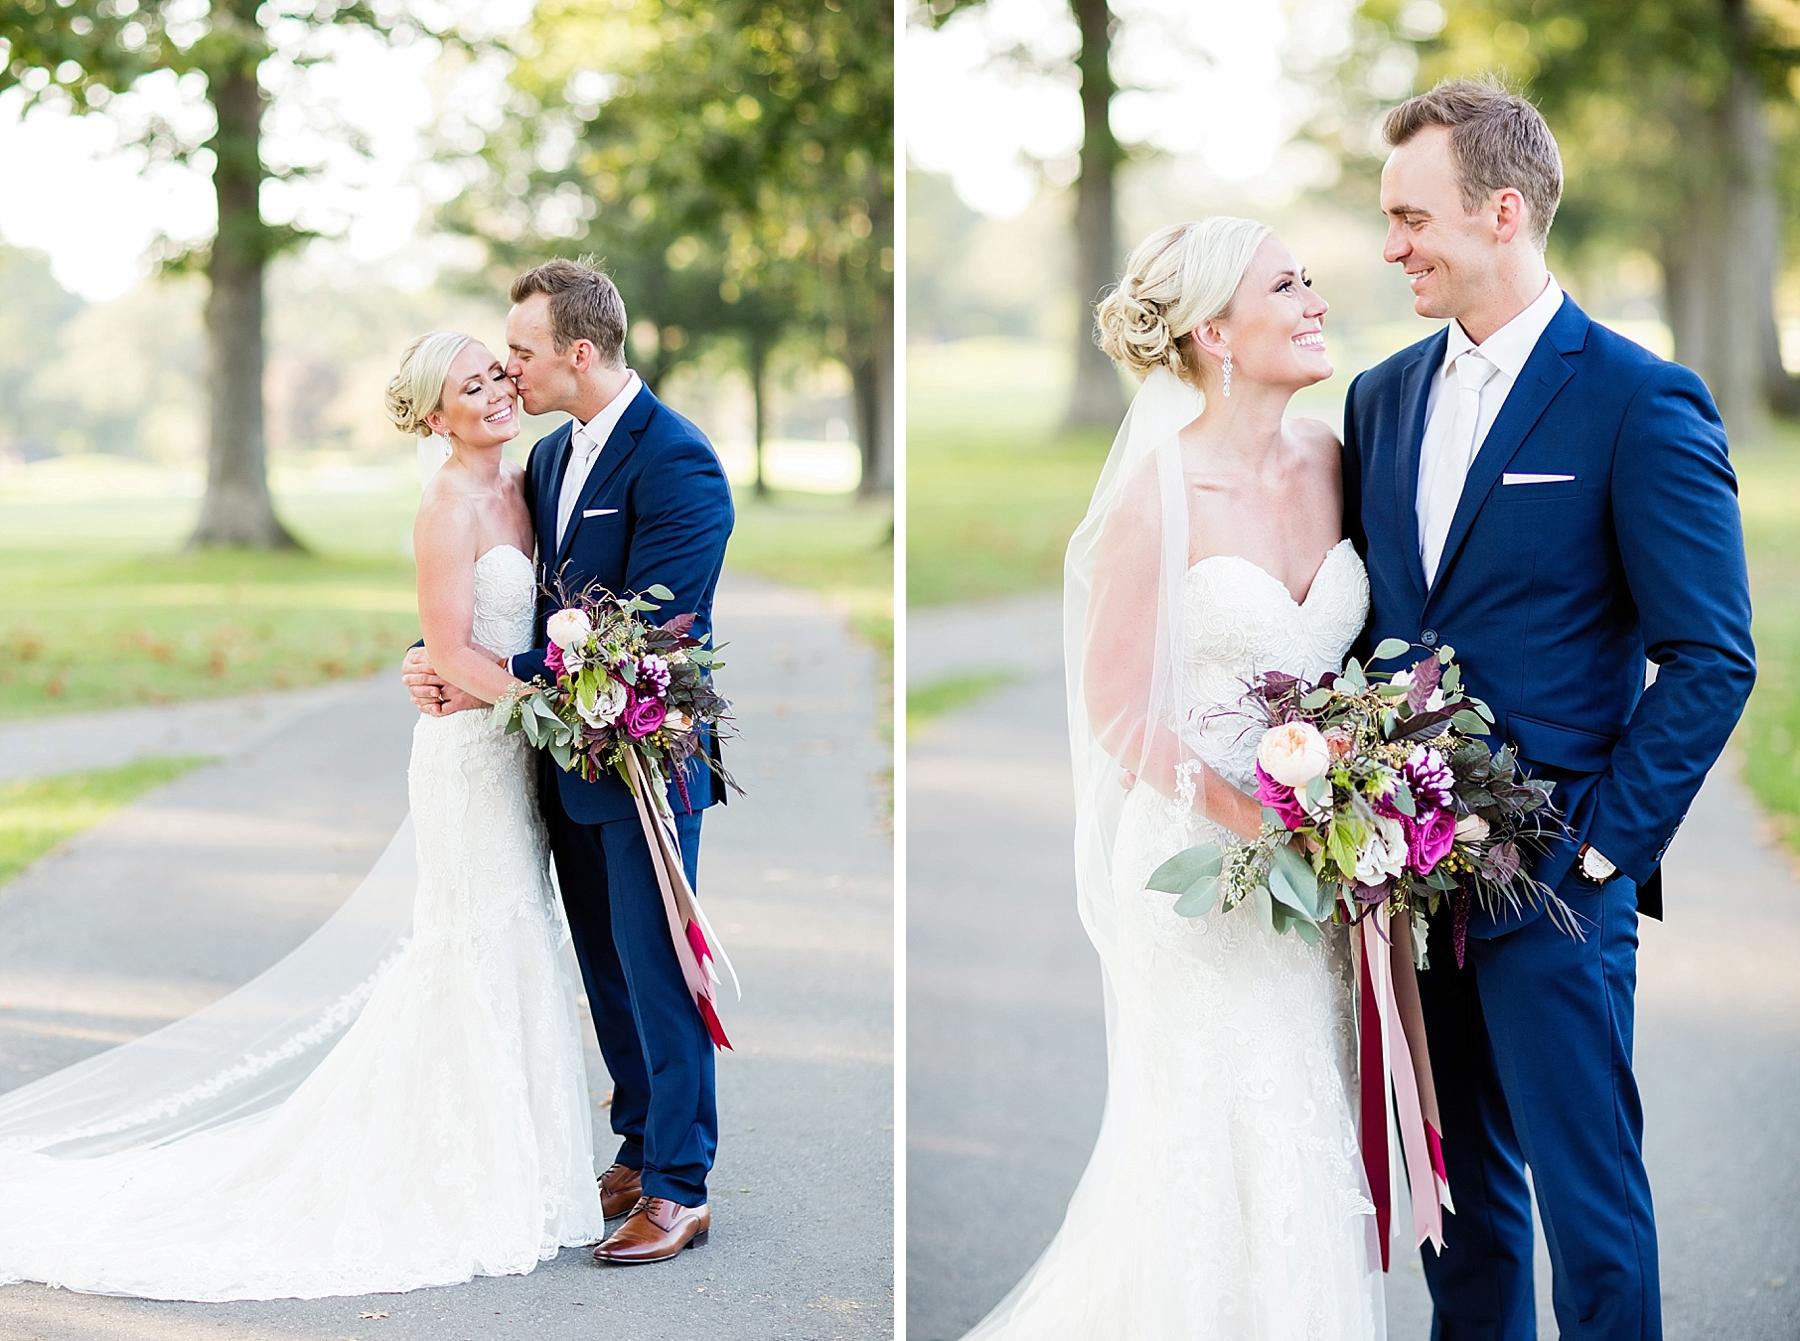 windsor-wedding-photographer-essex-golf-country-club-wedding-eryn-shea-photography_0056.jpg